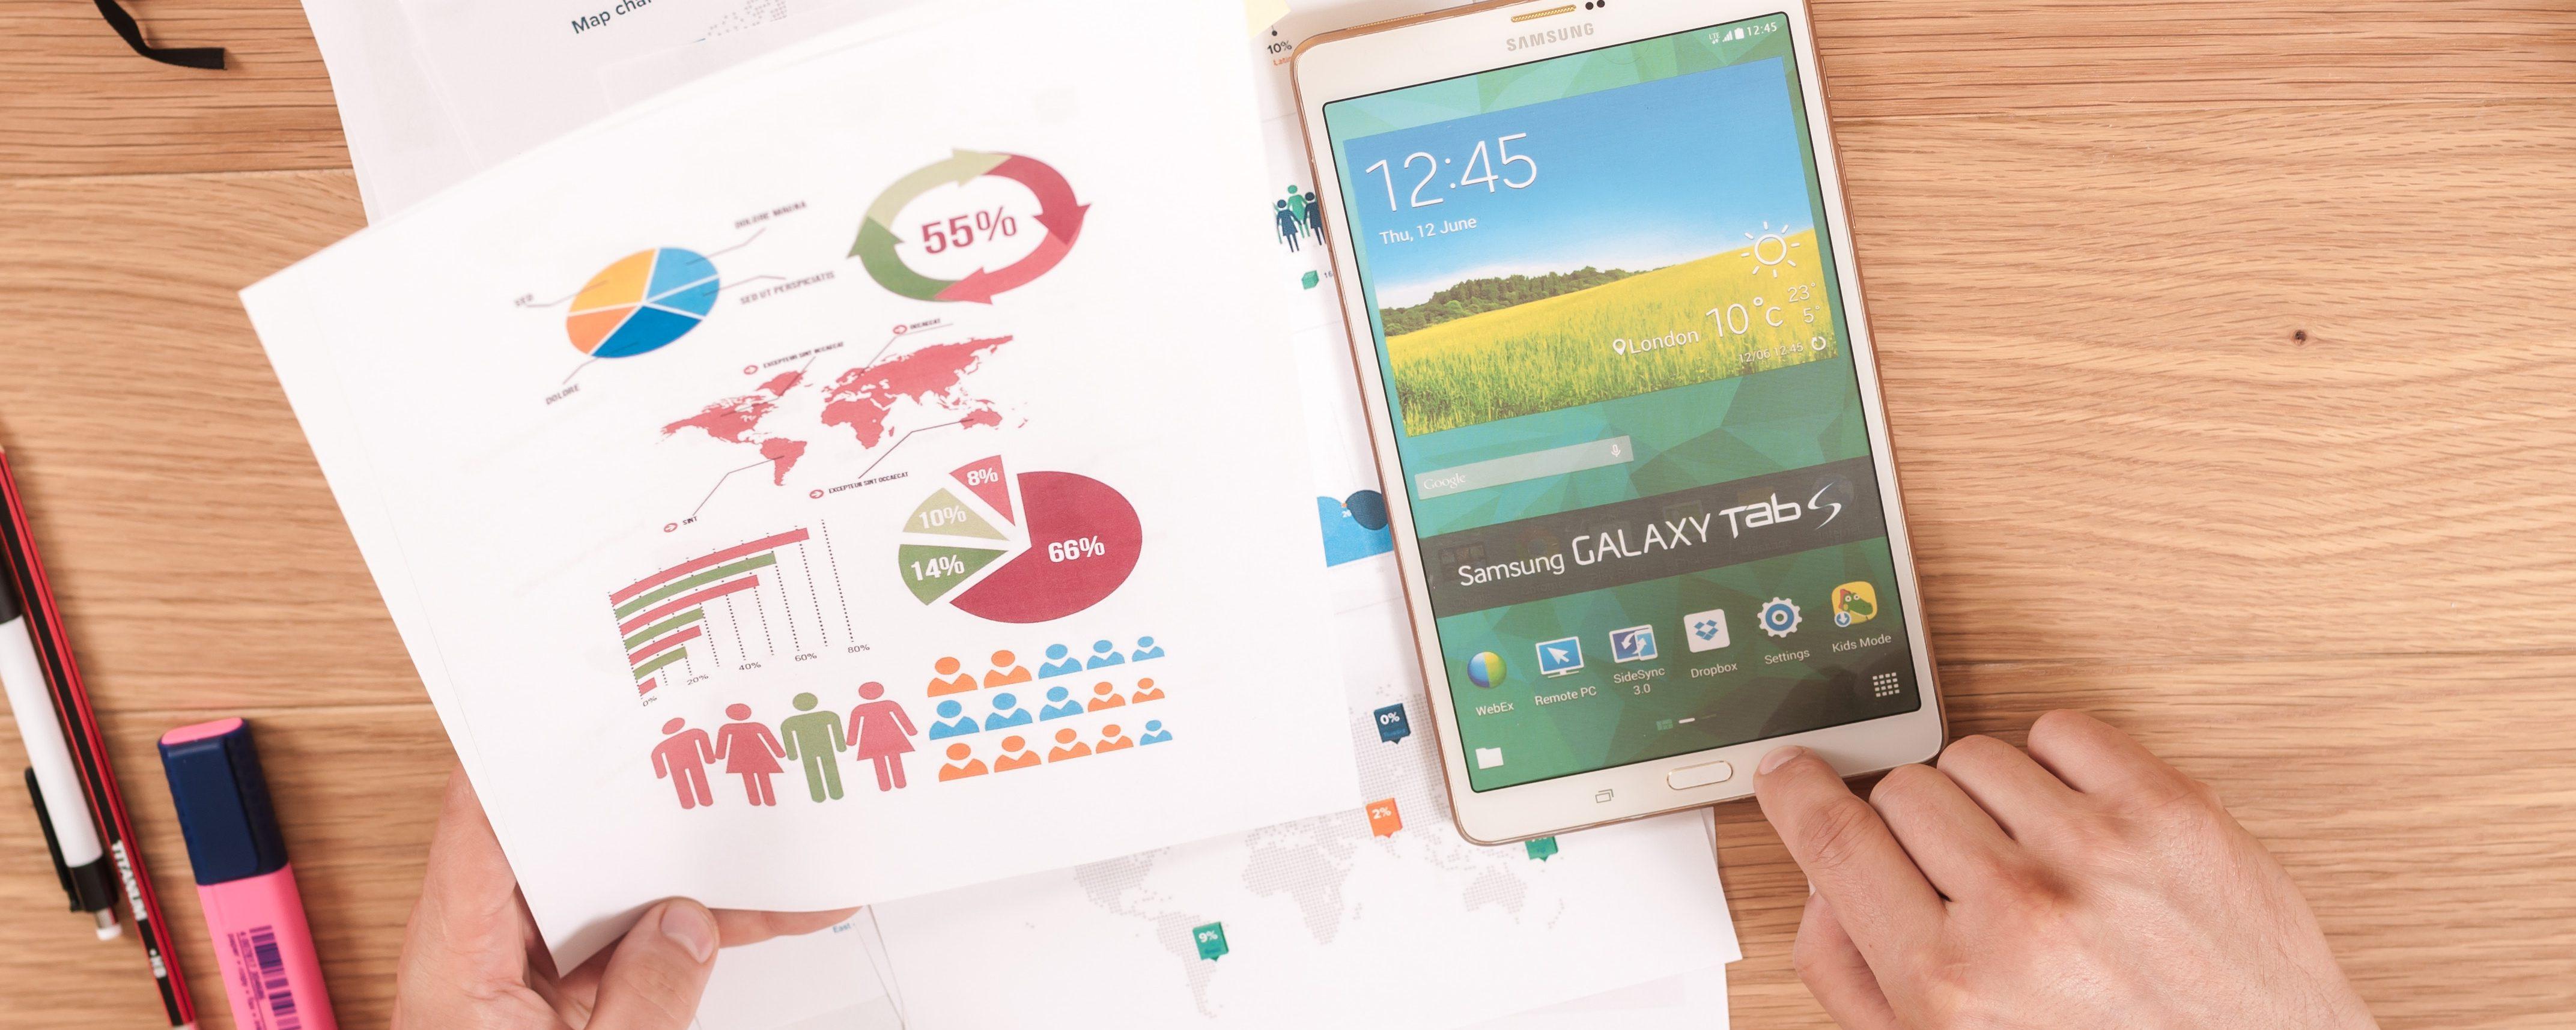 Utenti connessi: quasi tutti da mobile